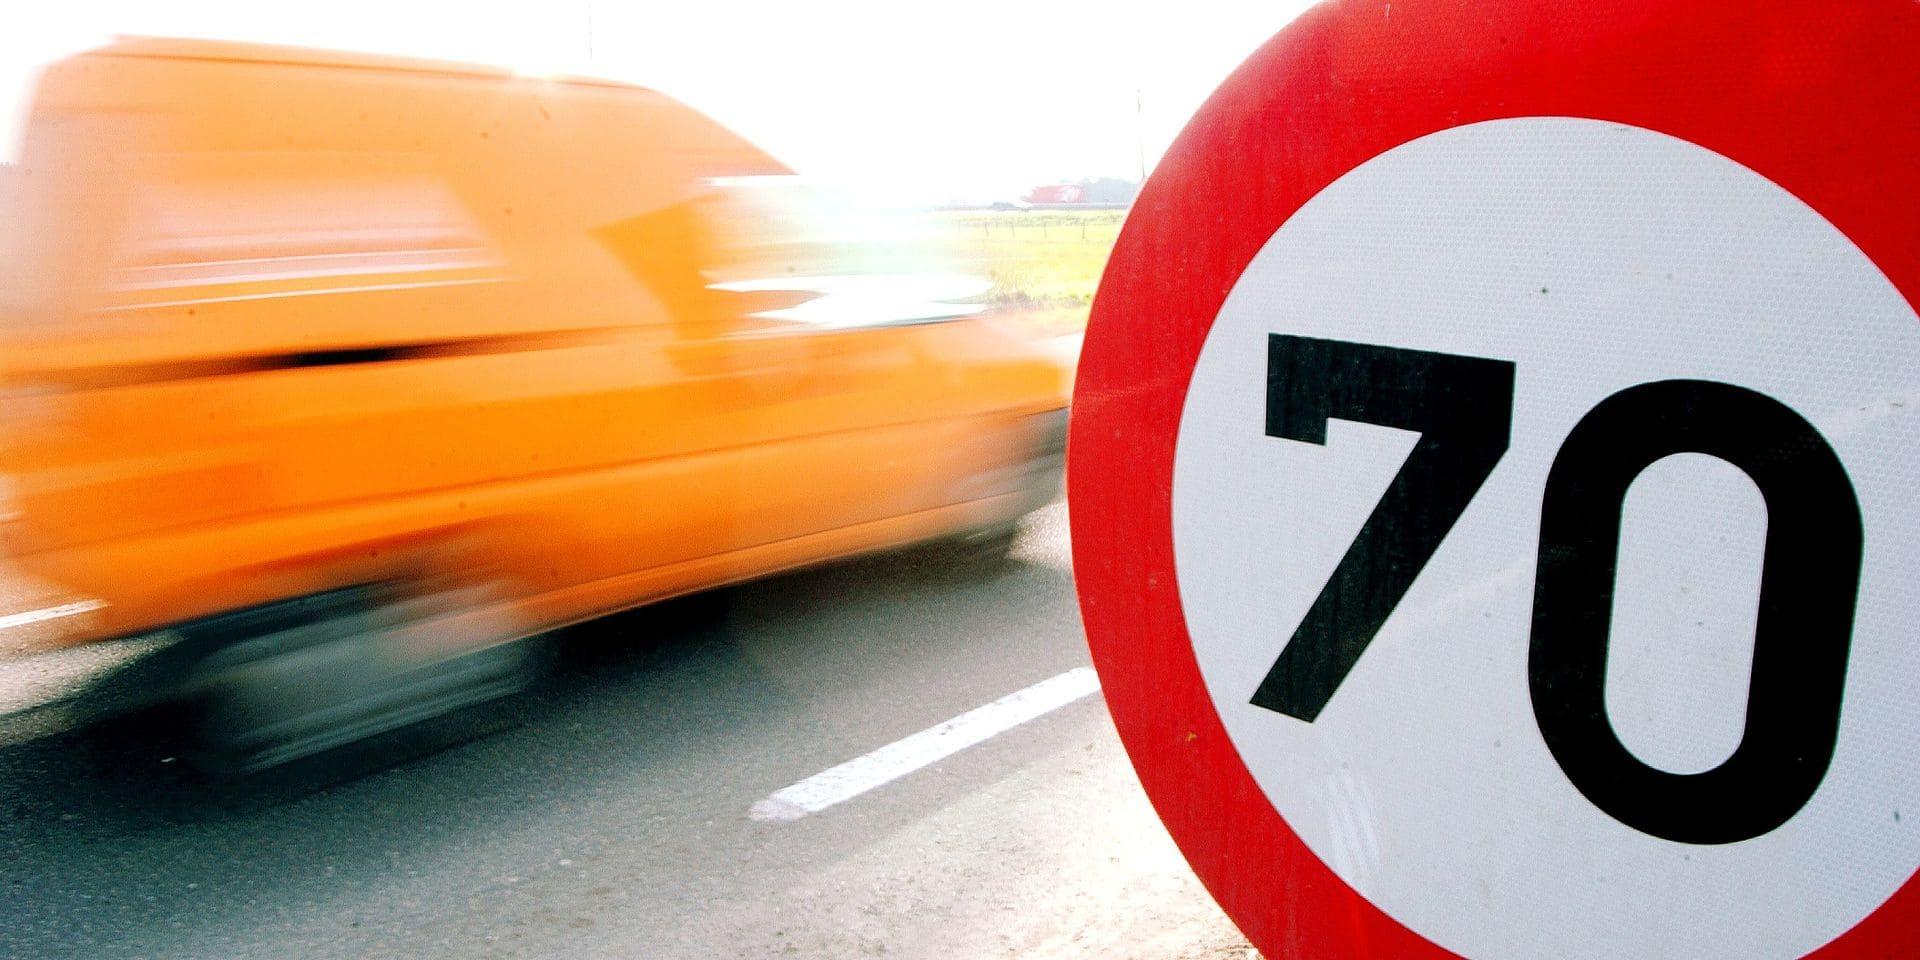 Un an de prison ferme pour un excès de vitesse de… 6 km/h !